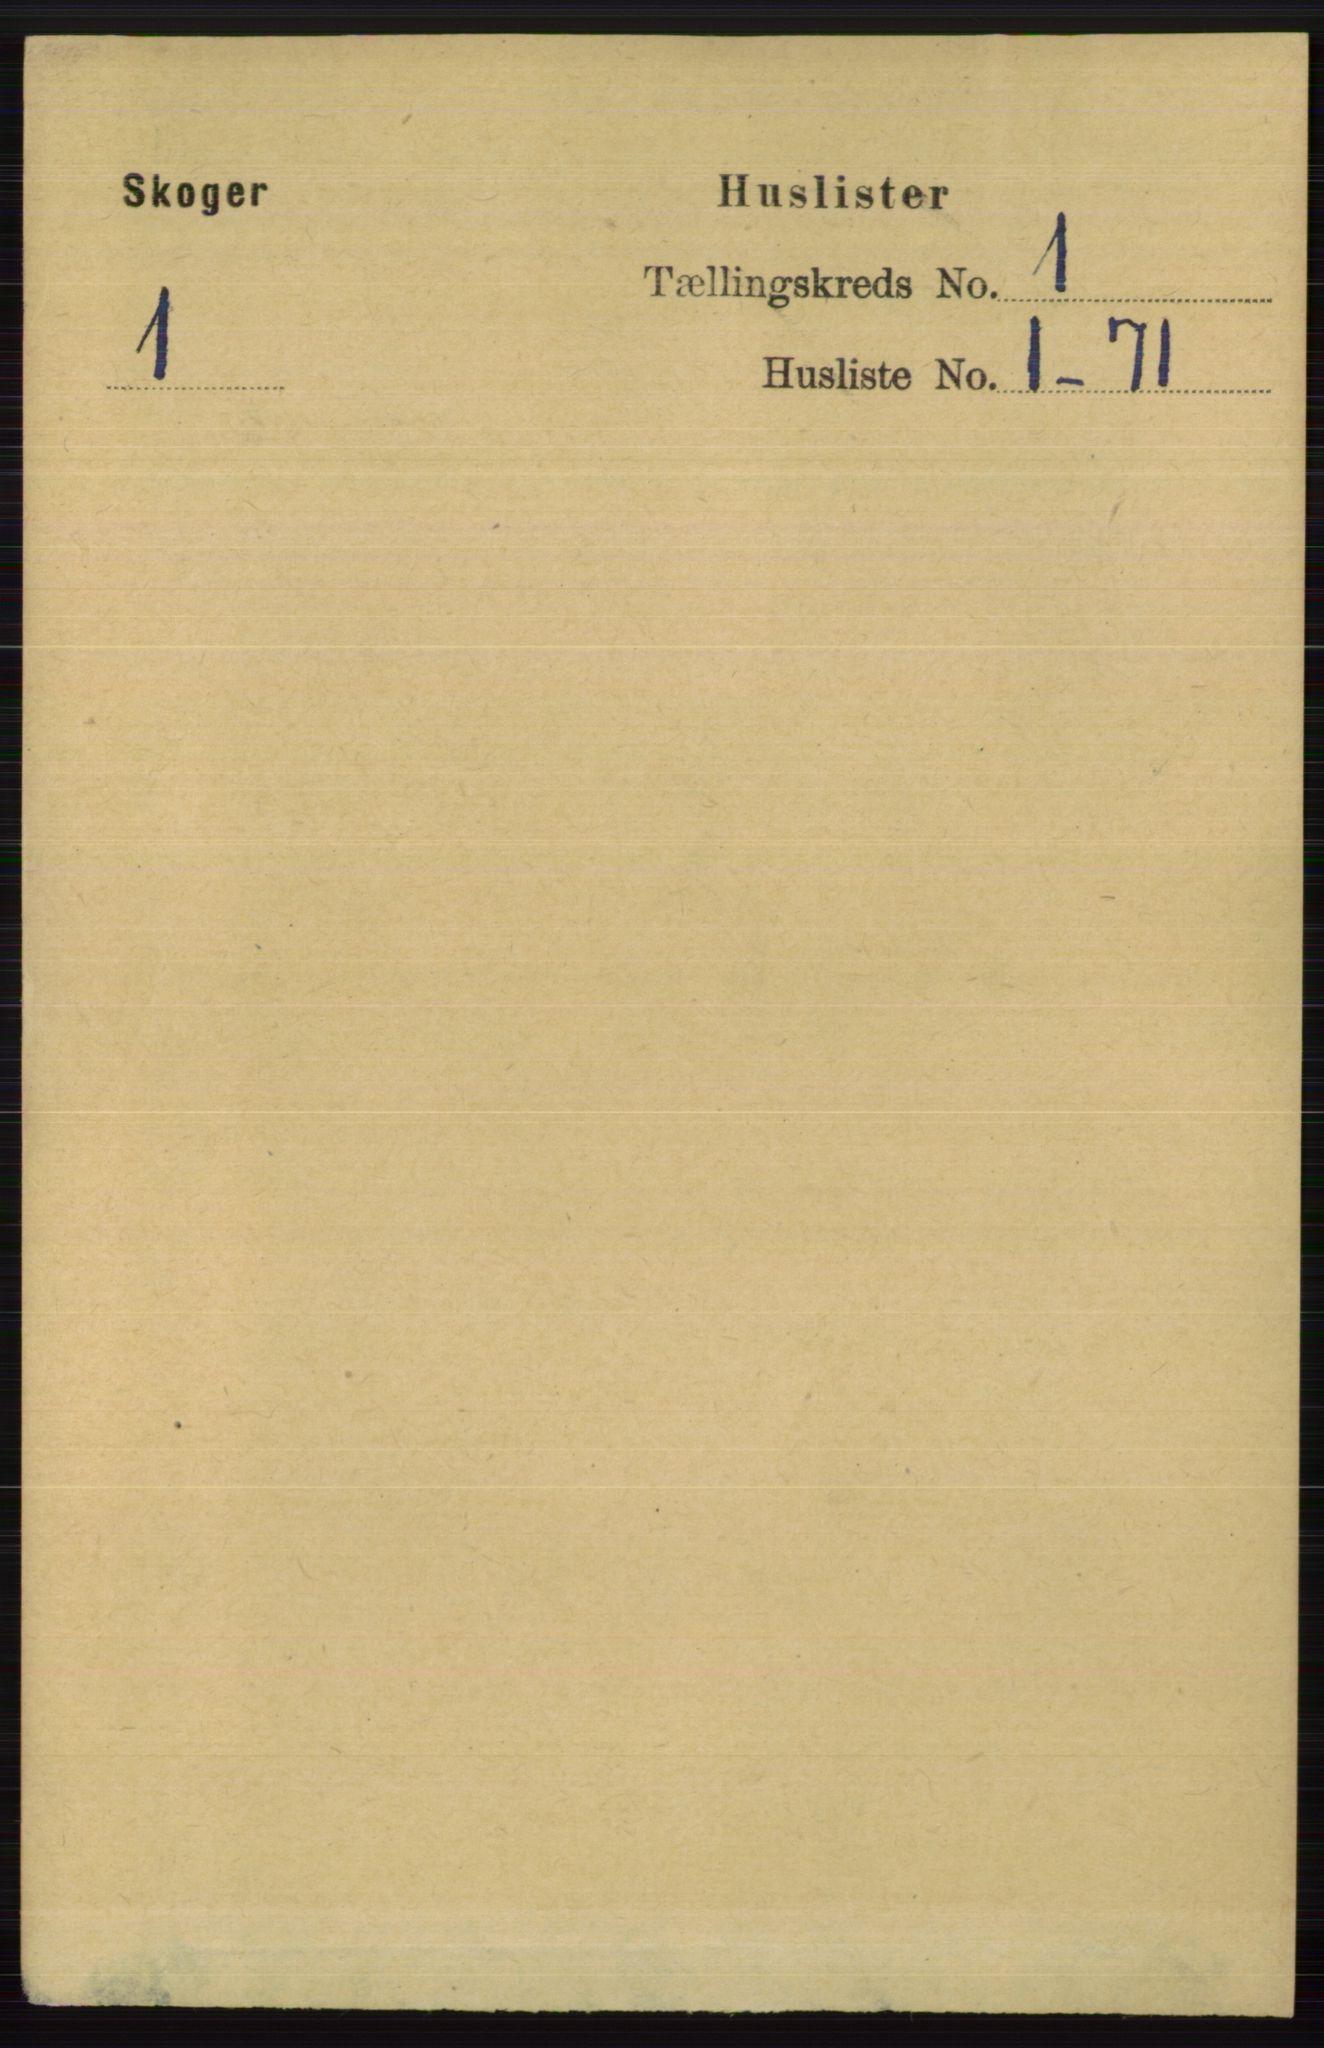 RA, Folketelling 1891 for 0712 Skoger herred, 1891, s. 21